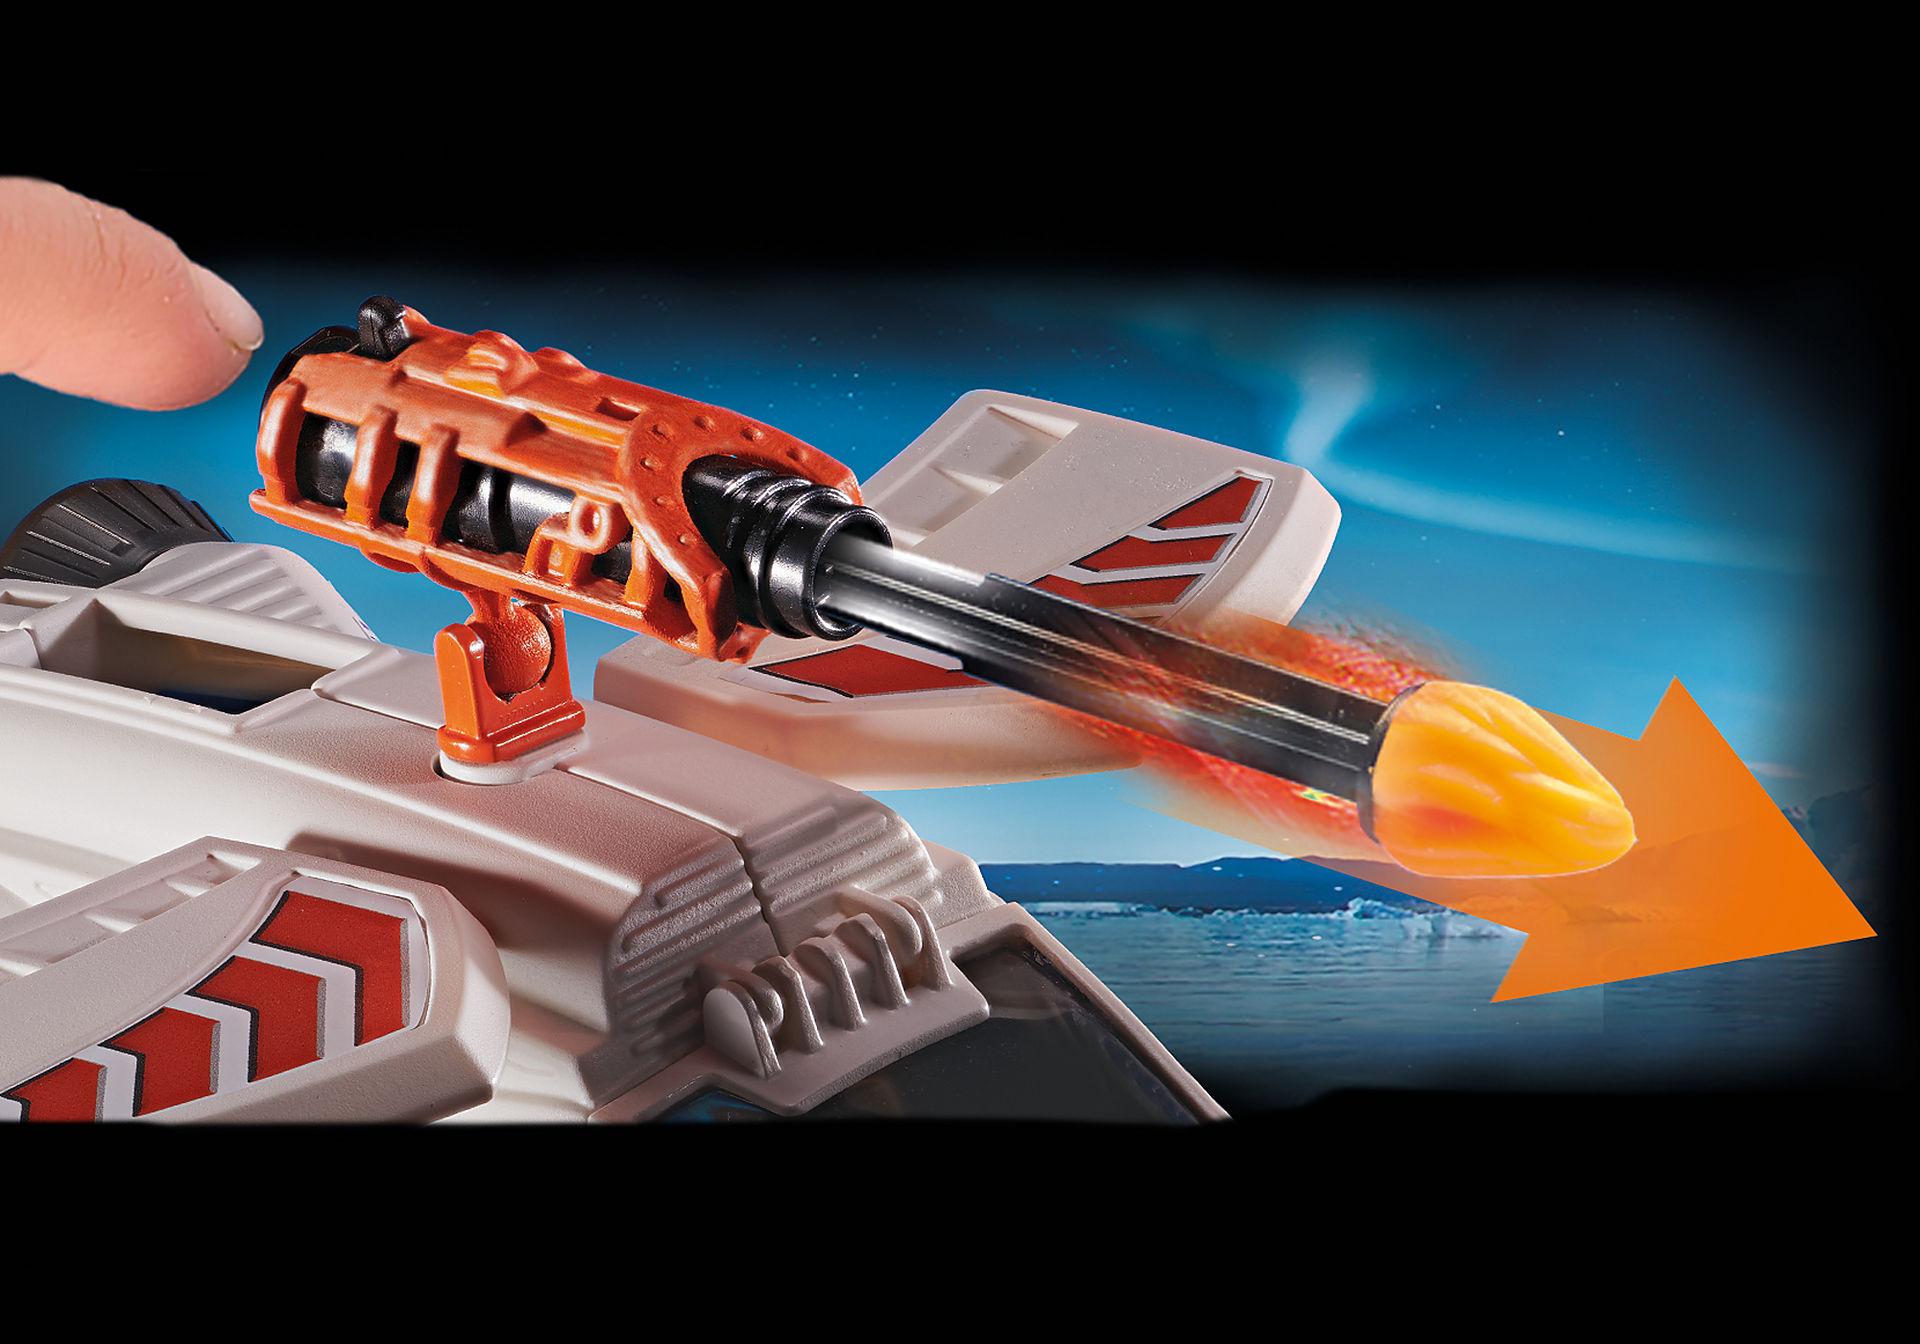 70231 Spy Team Pojazd śnieżny zoom image6